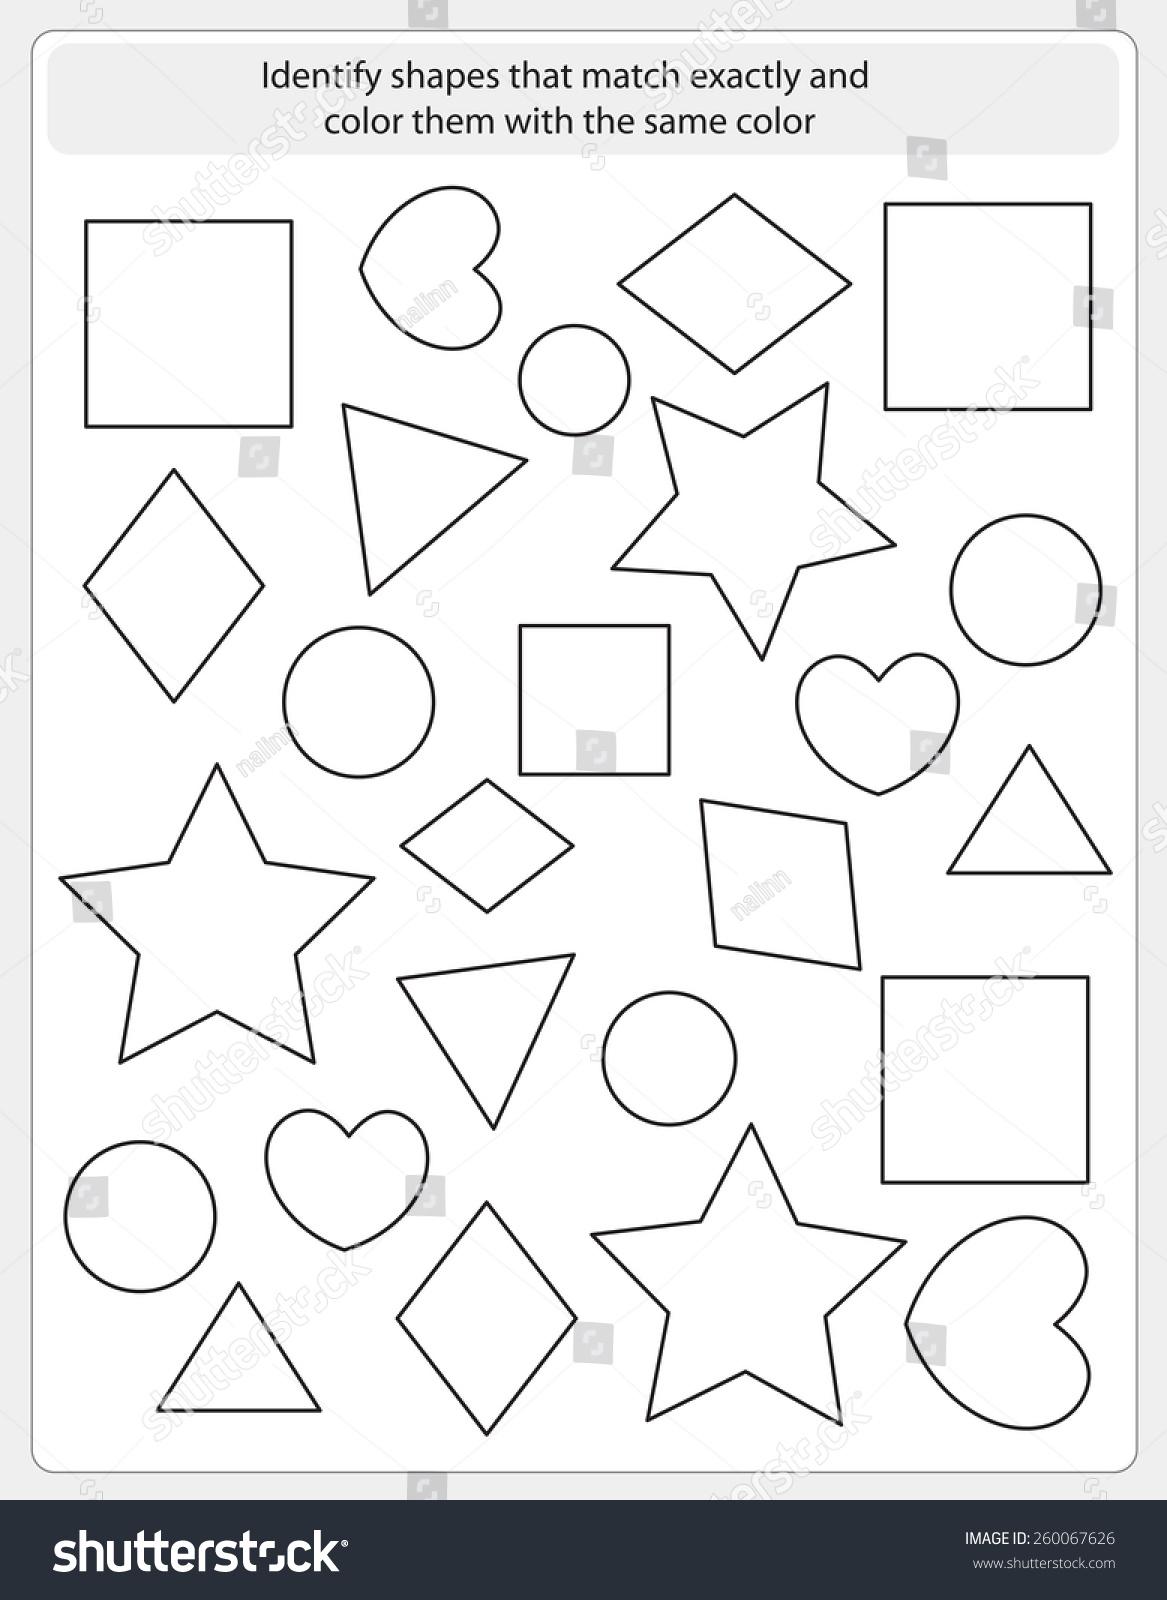 Kids Worksheet Shapes Match Color Same Stock Vector 260067626 ...